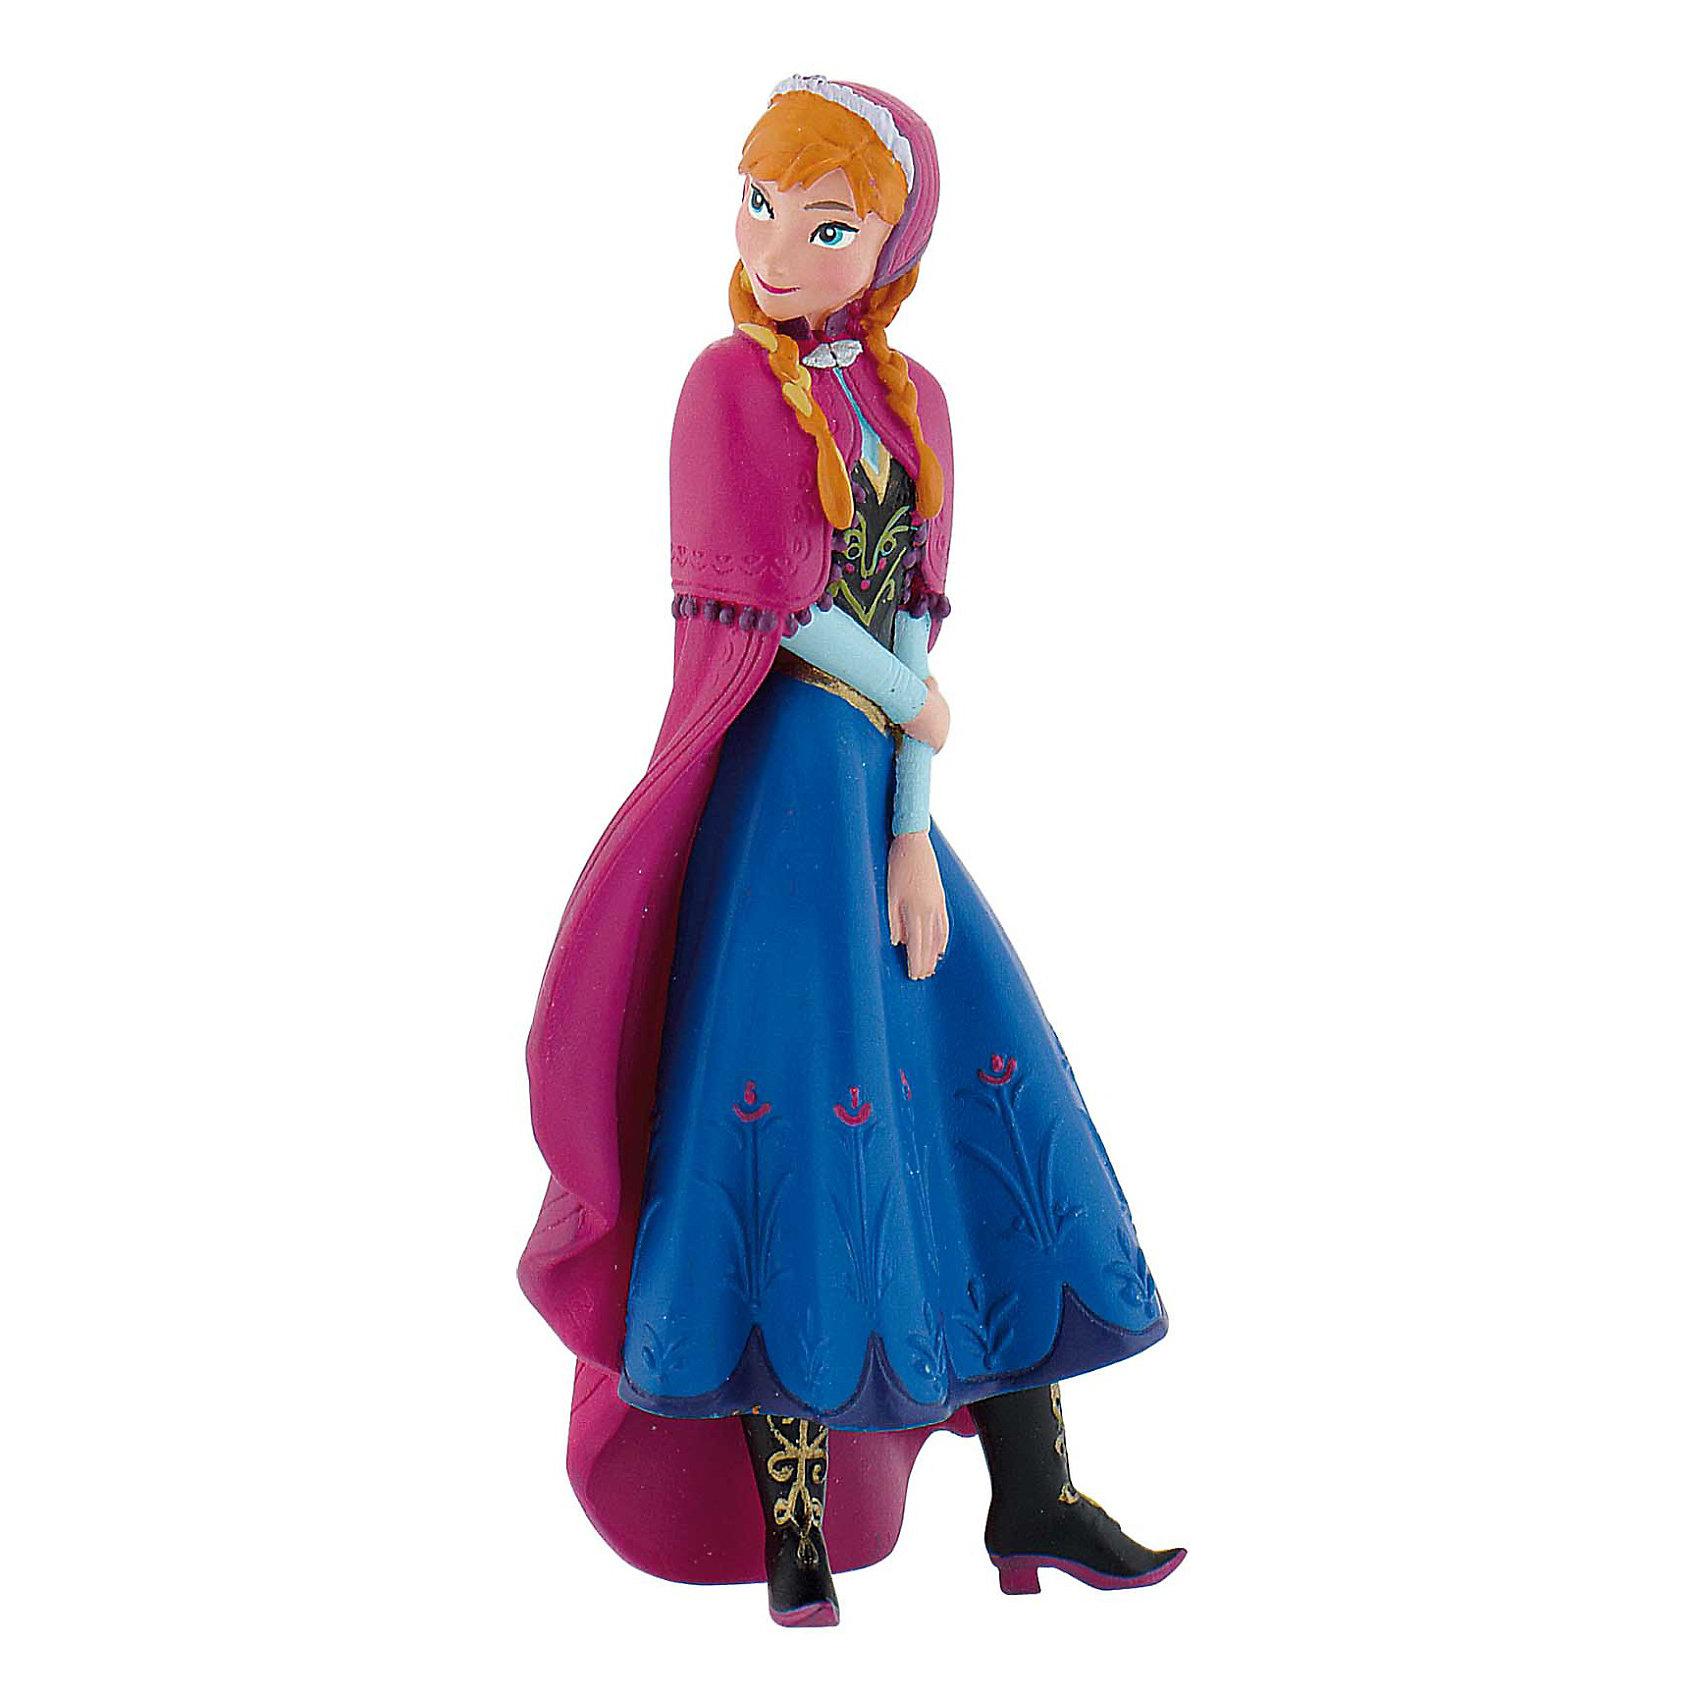 Фигурка Анна,  DisneyХолодное Сердце<br>Анна – героиня мультфильма студии Дисней «Холодное сердце», в котором рассказывается интерпретированная история Снежной королевы. Каково это – быть сестрой повелительницы зимы и метели? Анна знает, и, конечно же, расскажет вам в многочисленных играх, которые можно придумать вместе с этой прелестной фигуркой. <br>Фигурка симпатичной принцессы выпущена немецким брендом Bullyland, вот уже несколько десятков лет специализирующимся на выпуске различных линеек фигурок – героев мультфильмов, диких и домашних животных и птиц, персонажей в национальных костюмах. <br>Игрушка изготовлена из термопластичного каучука. Это новый безопасный материал, который используется даже в фармацевтической и пищевой промышленности. <br><br>Дополнительная информация:<br><br>Высота фигурки: 8,5 см.<br><br>Фигурку Анна,  Disney можно купить в нашем магазине.<br><br>Ширина мм: 90<br>Глубина мм: 63<br>Высота мм: 38<br>Вес г: 1<br>Возраст от месяцев: 36<br>Возраст до месяцев: 96<br>Пол: Женский<br>Возраст: Детский<br>SKU: 3383416